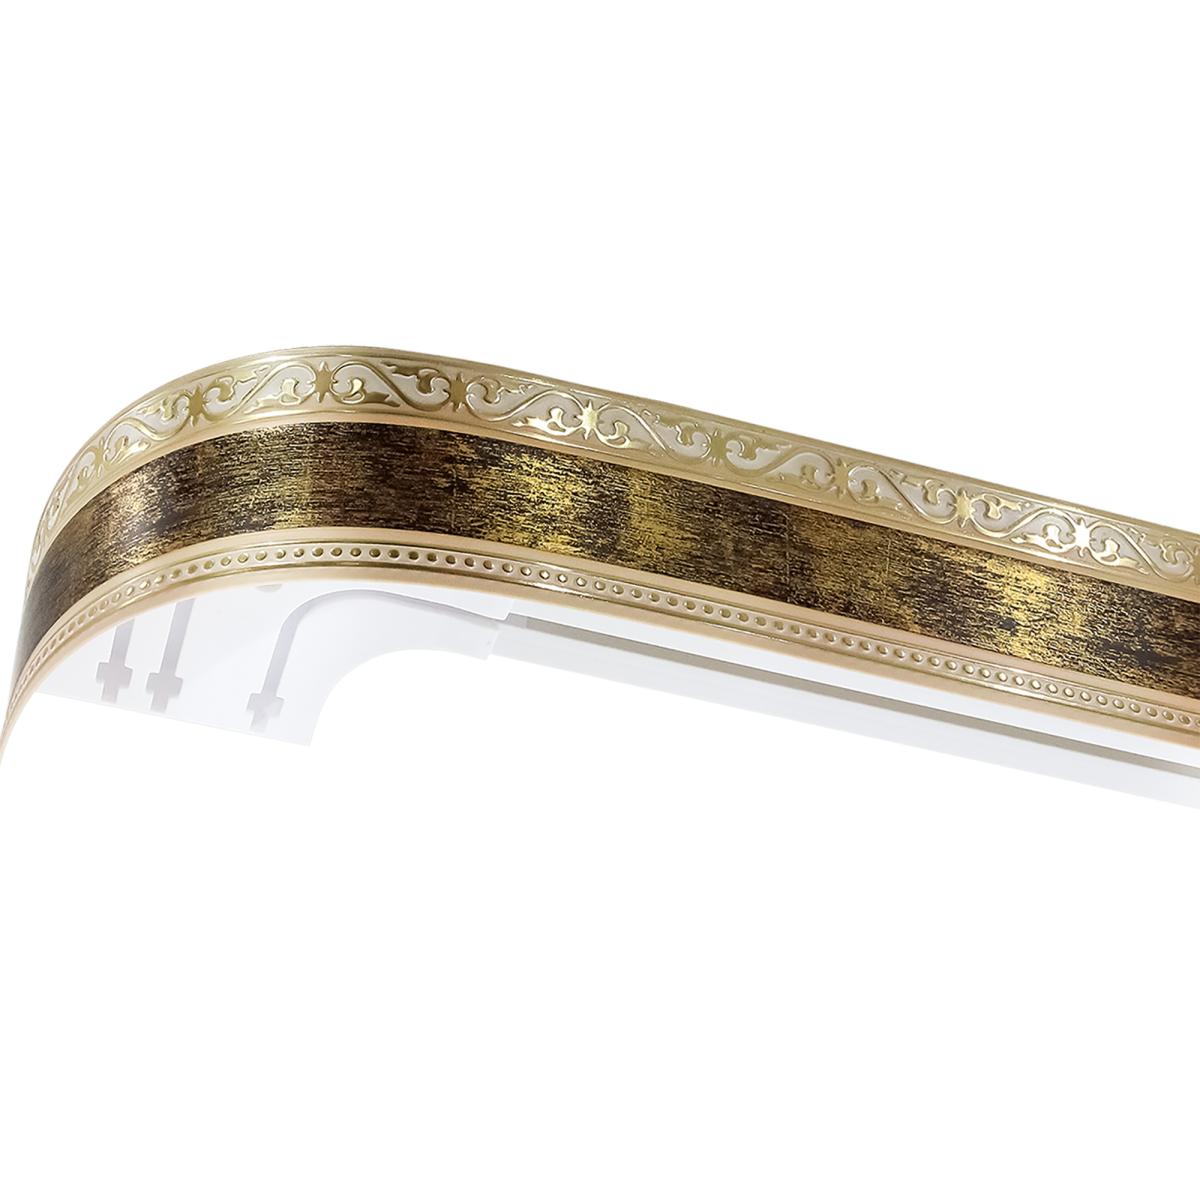 Карниз шинный трехрядный «Монарх» в наборе 240 см пластик цвет золото антик